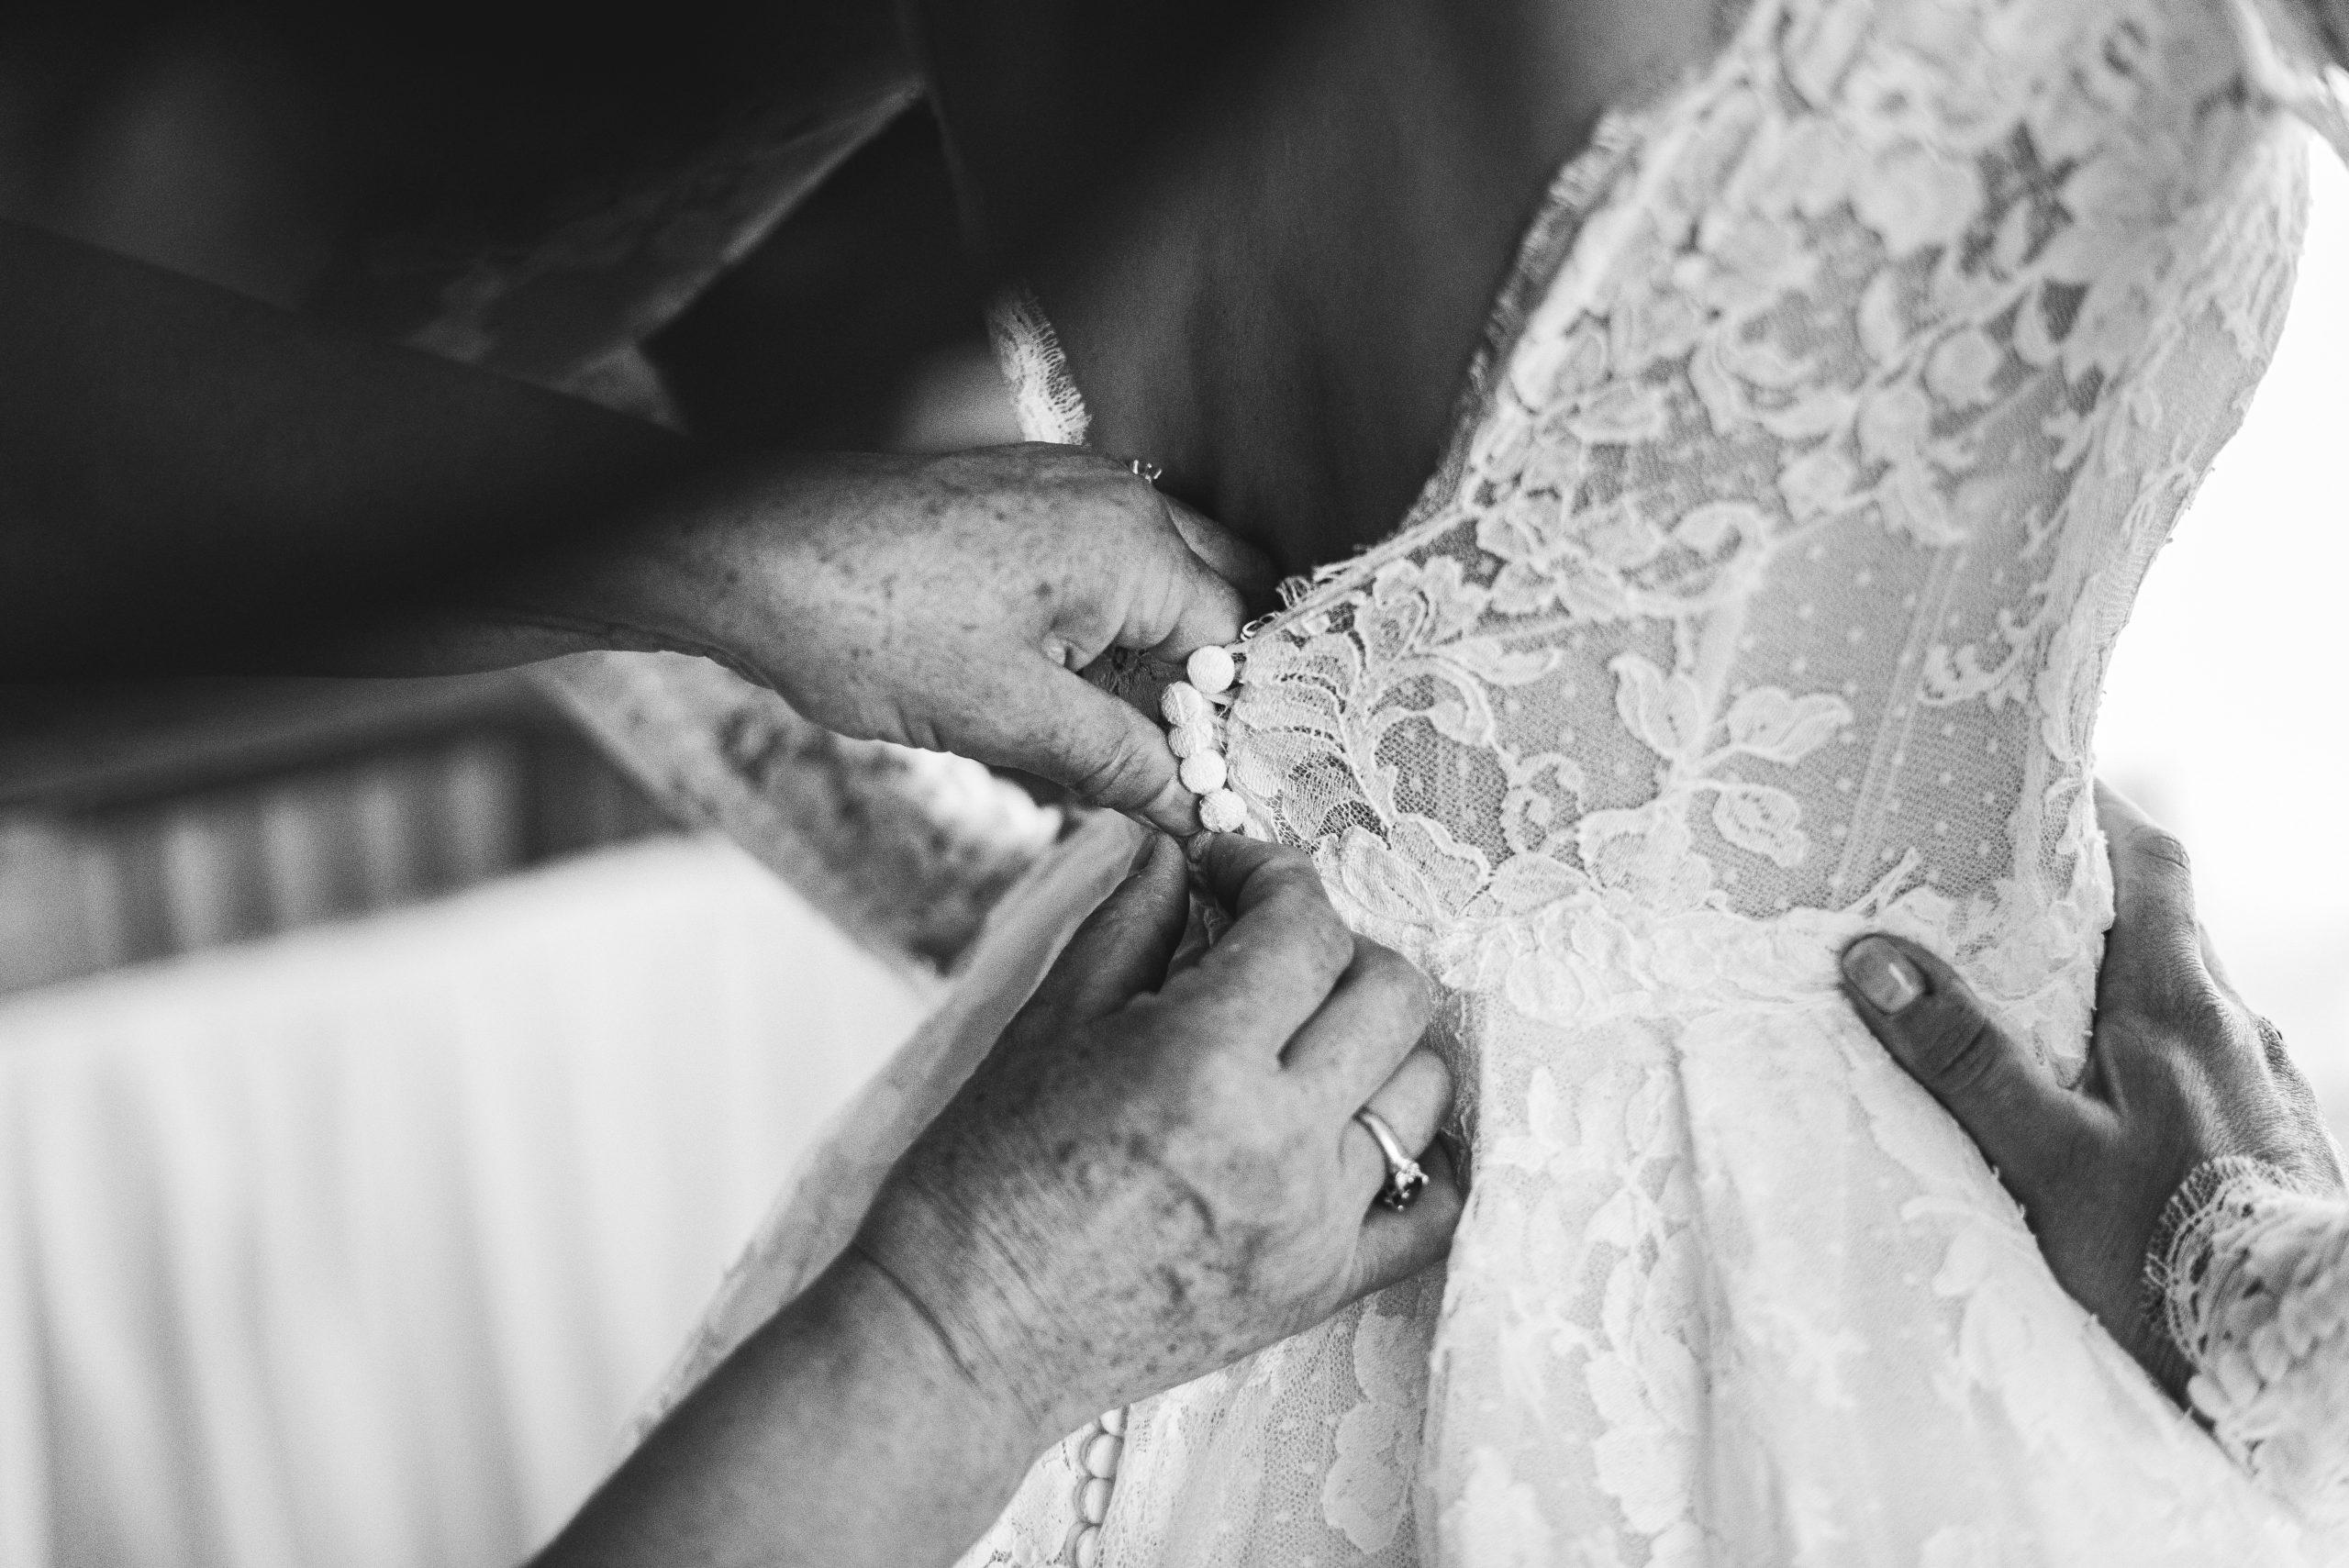 préparatifs clémence robe mariage compiègne oise